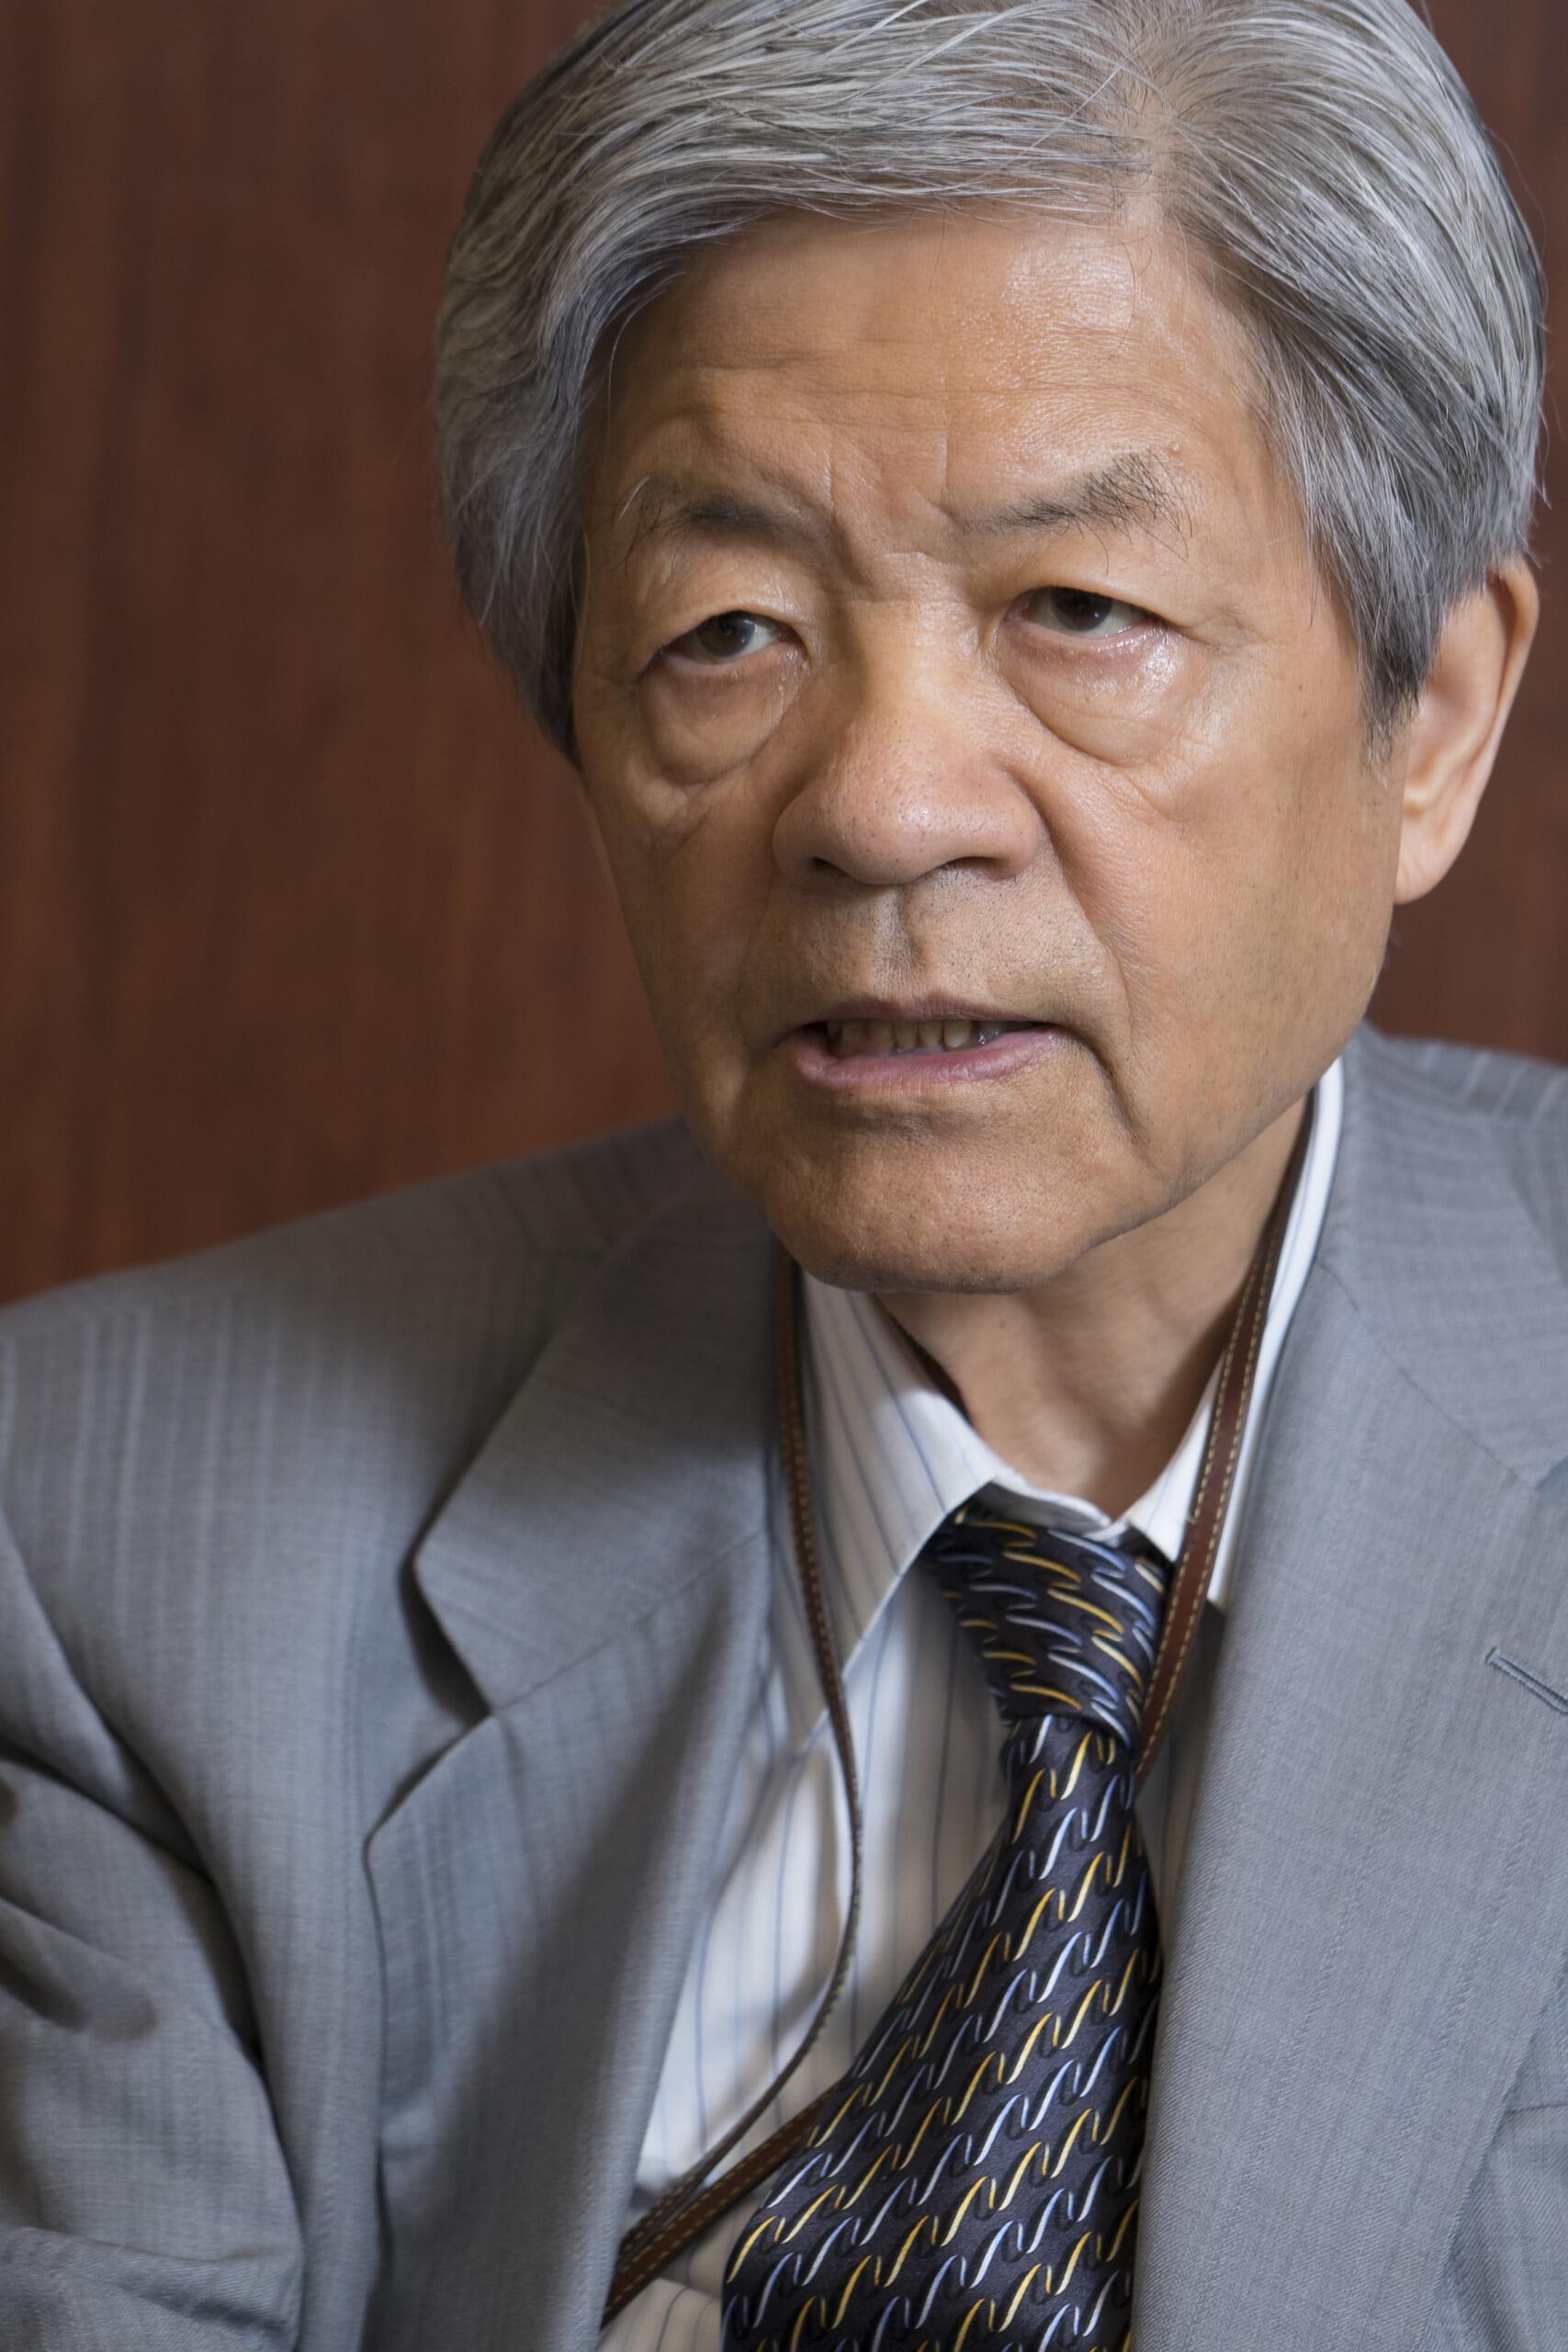 田原総一朗 「生前退位の実現に向けて皇室典範の改正を速やかに進めるべき」